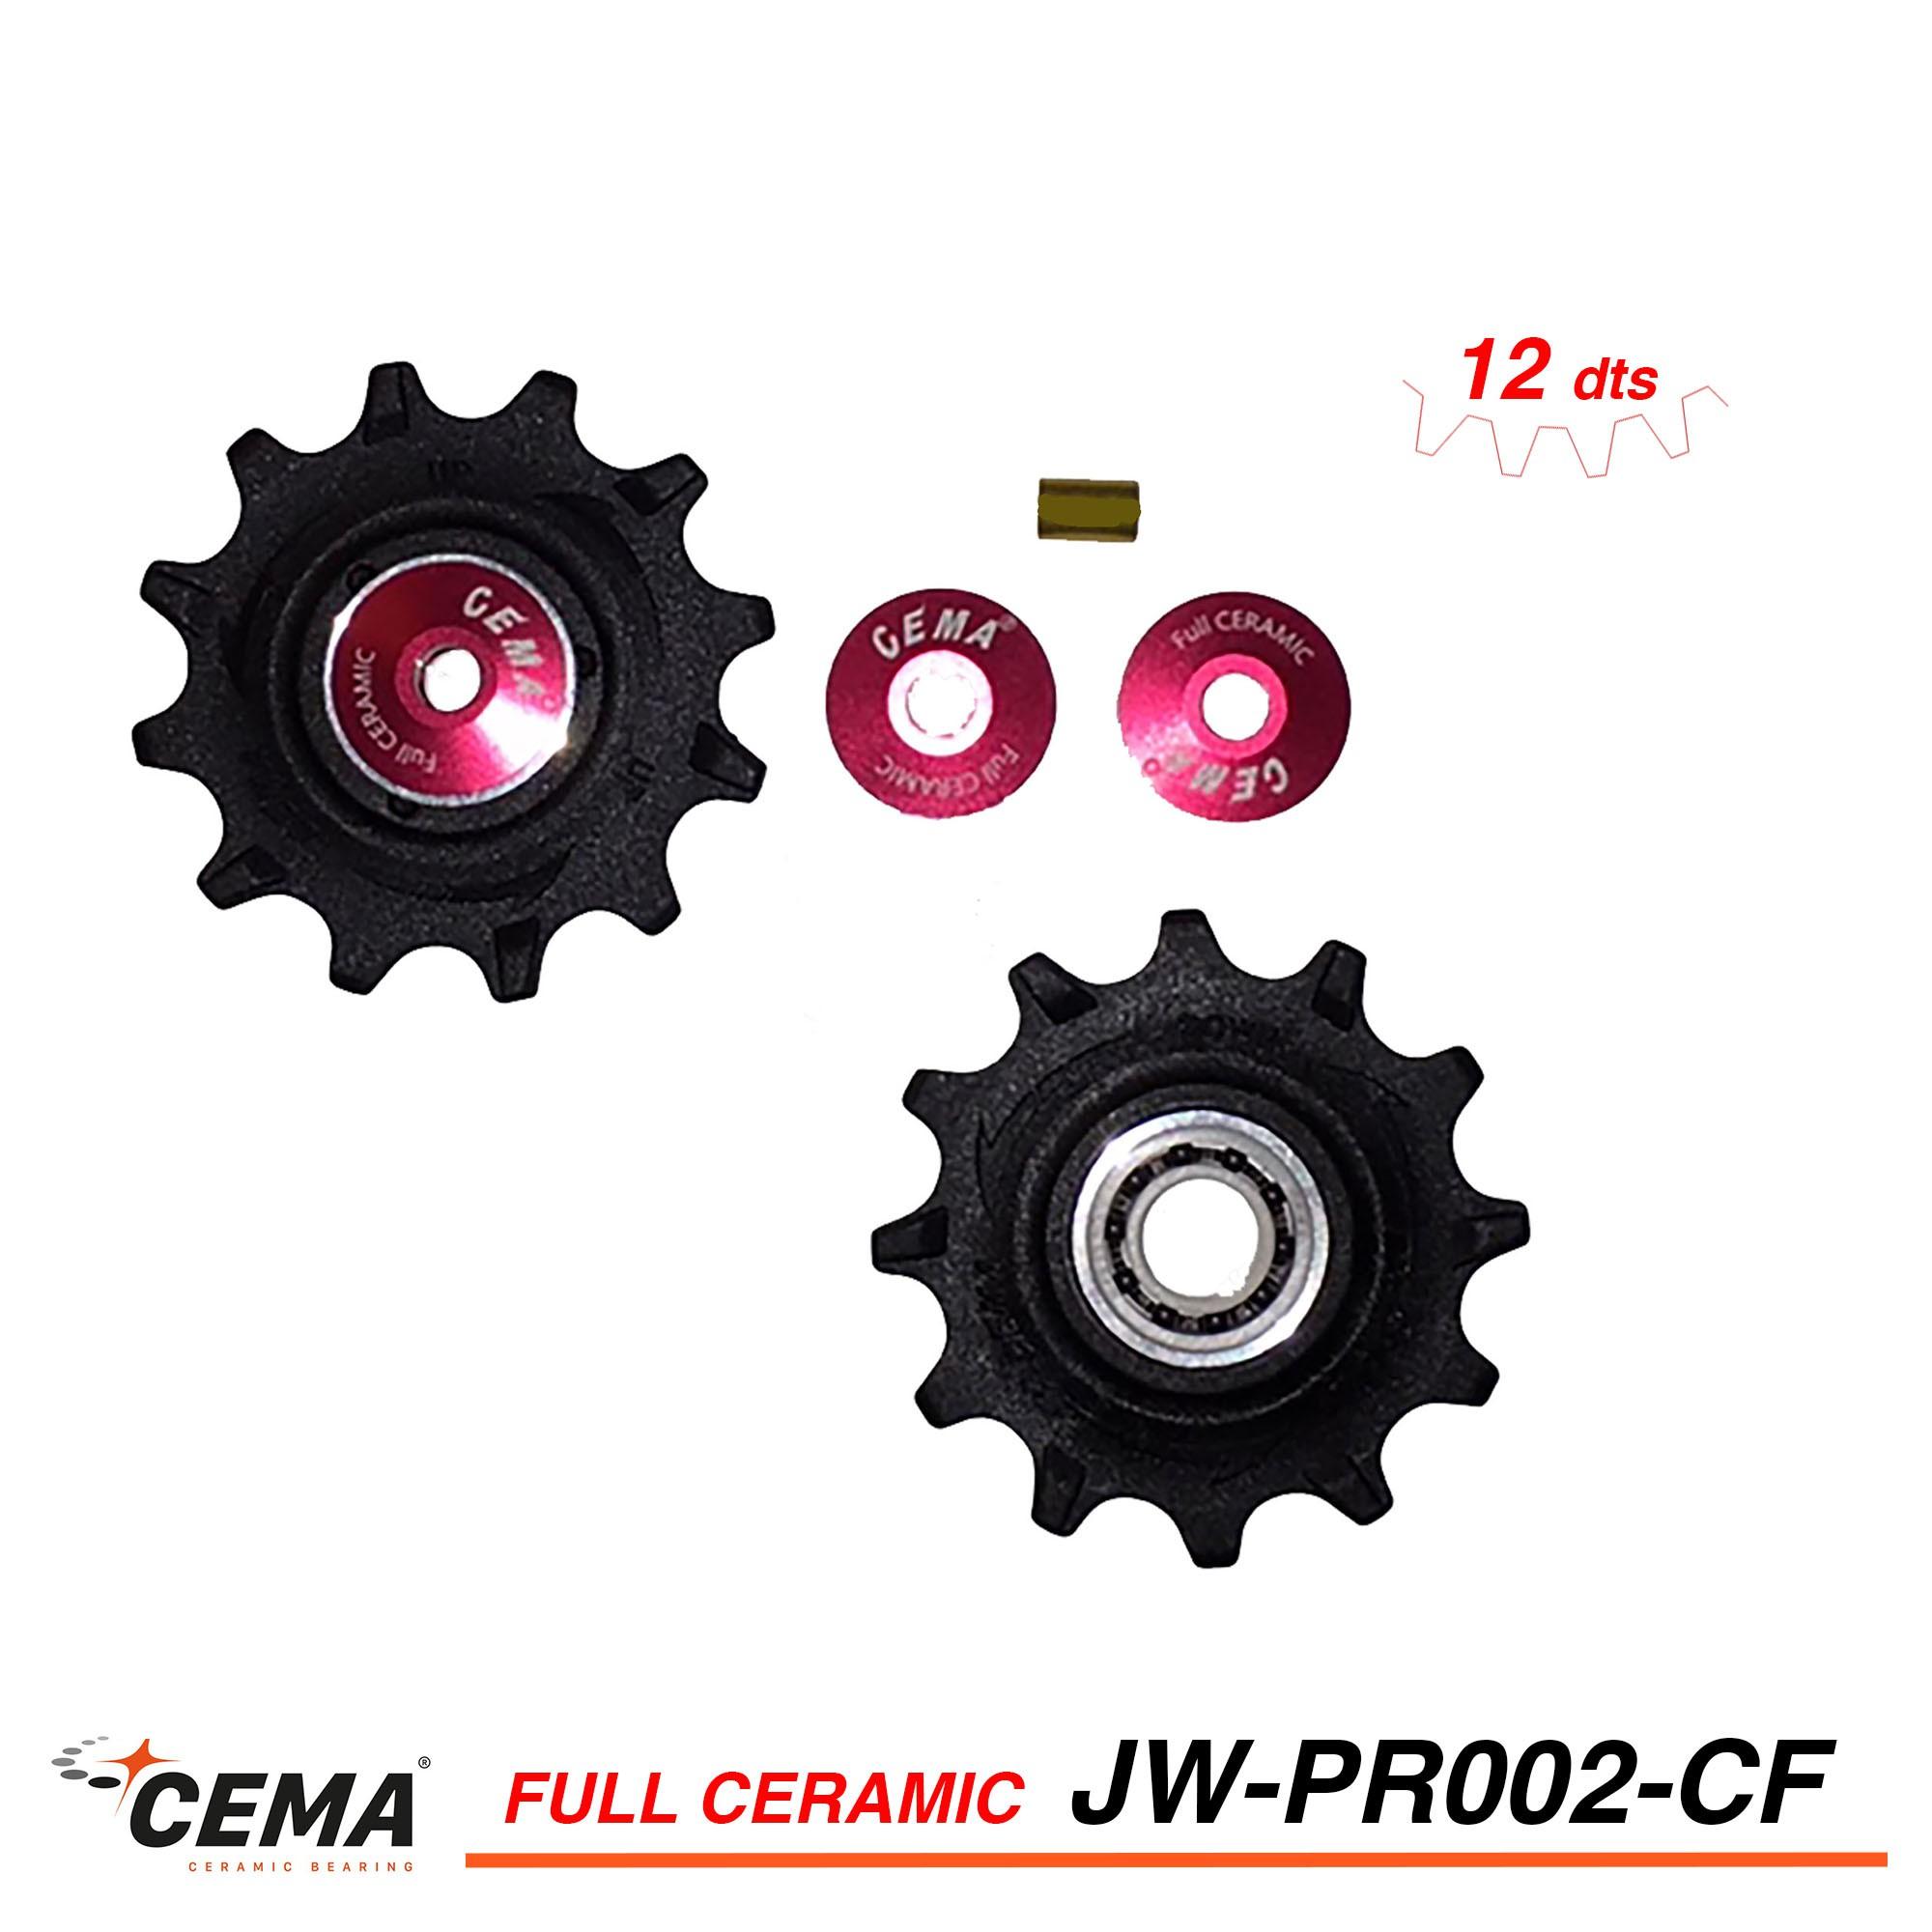 Galets de derailleur full céramique 12 dents pour SRAM CEMA jw-pr002-cf